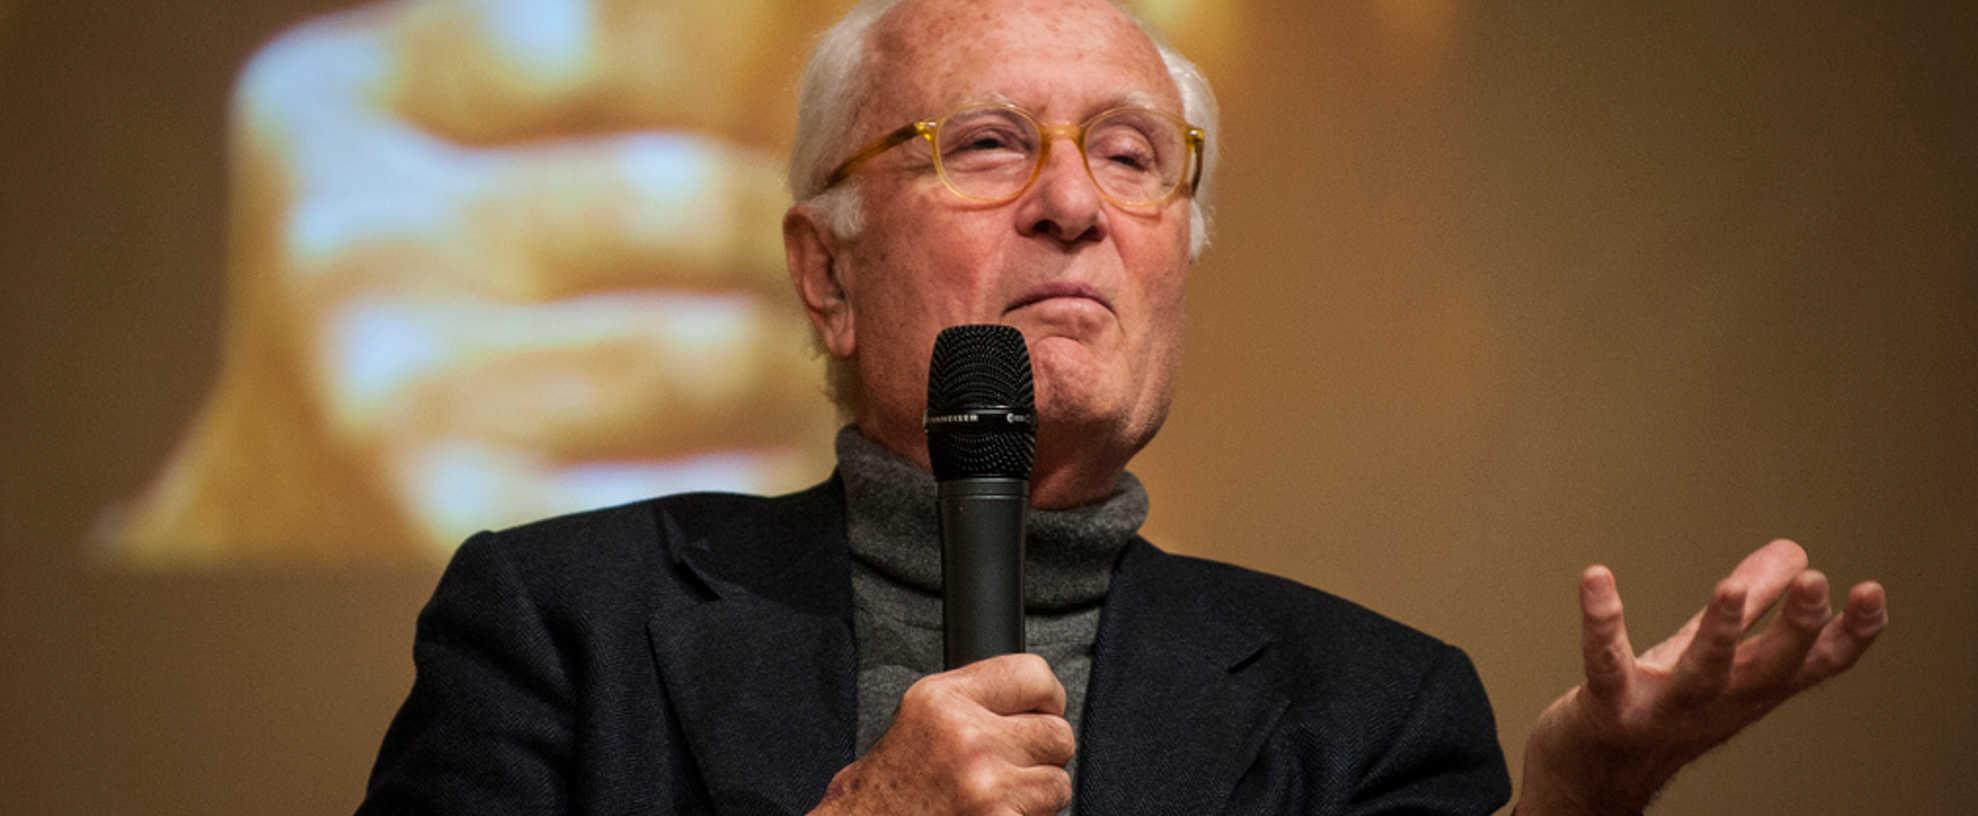 """L'Ex Vice-Direttore de L'Osservatore Romano: """"Spero che gli esiti su Medjugorje siano di buon senso ecclesiale"""""""